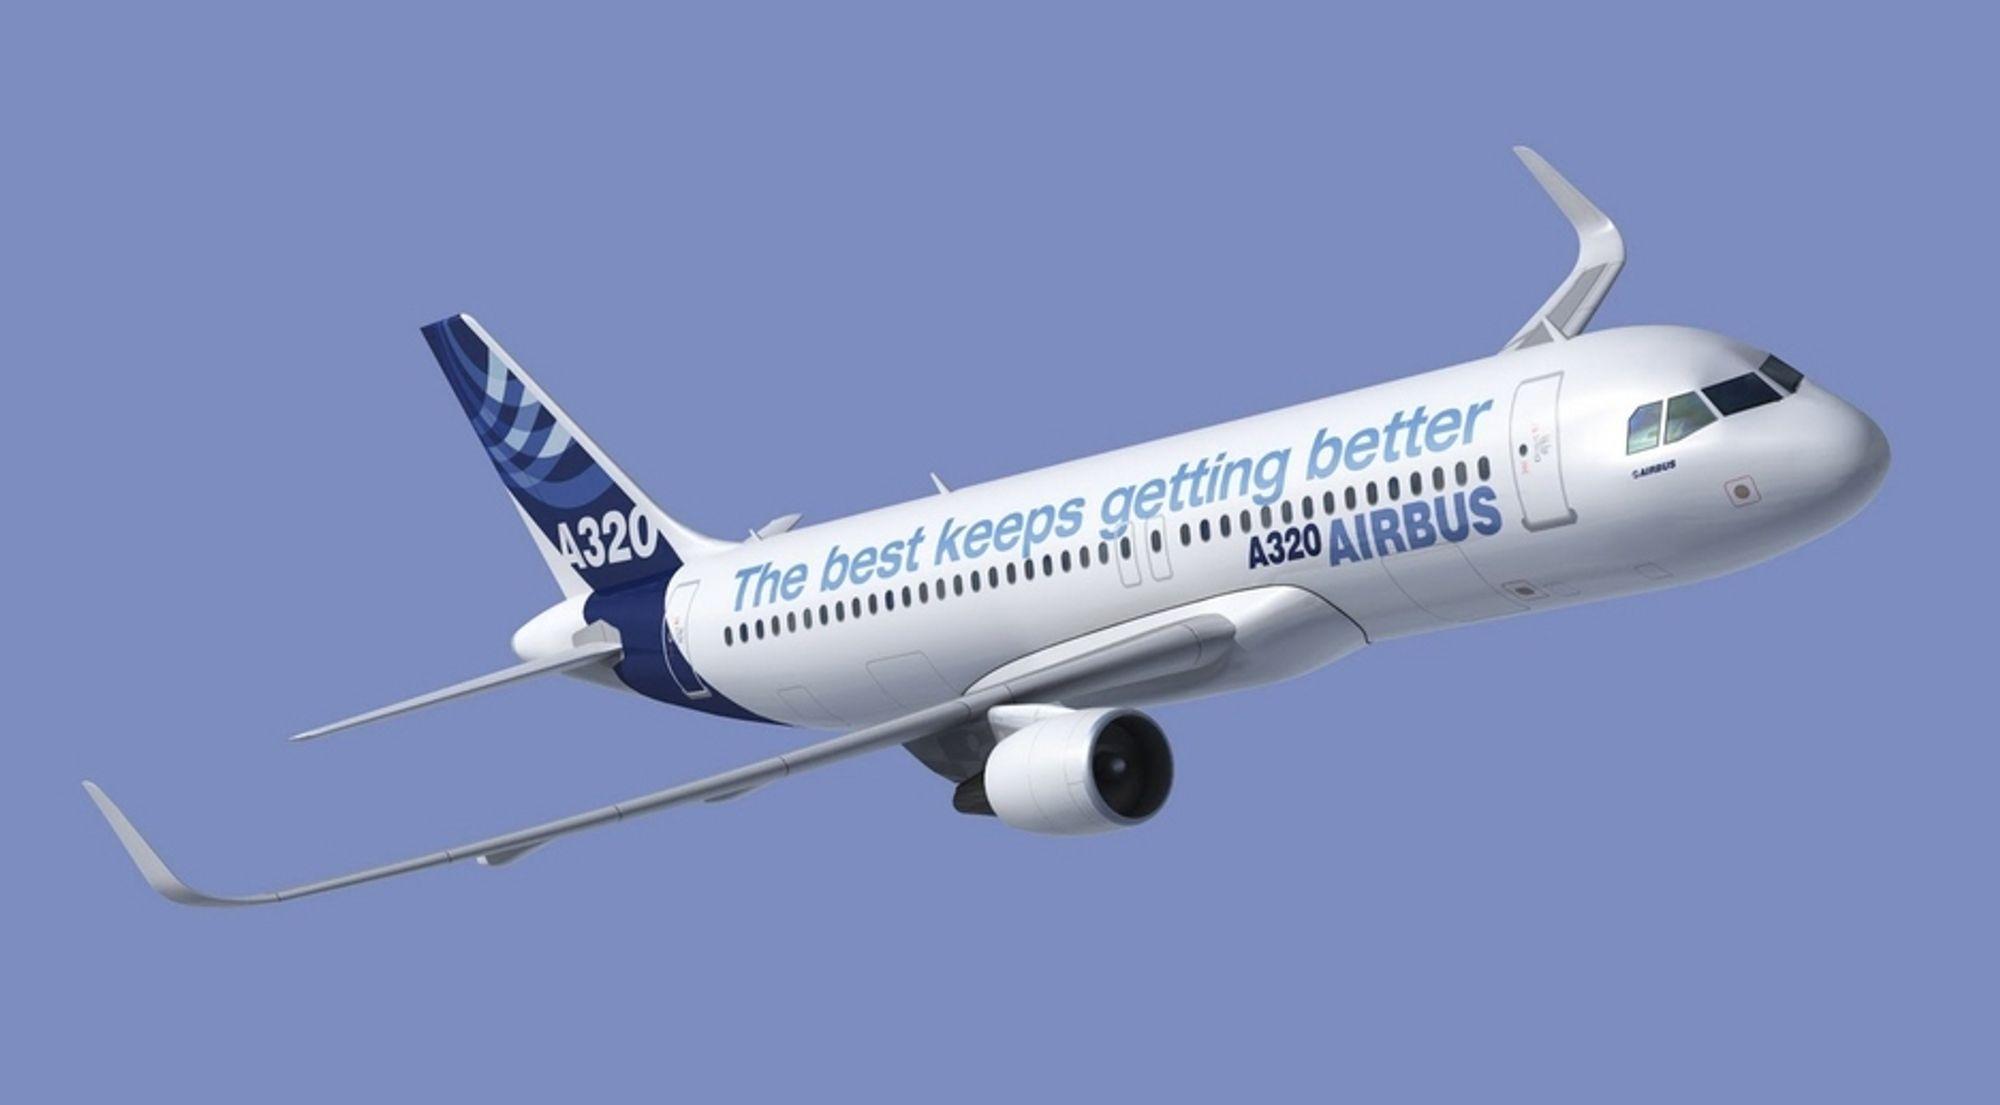 Airbus A320 kommer med oppoverbøyde vingetupper (sharklets) om et par år. Og fra 2016 skal passasjerflyet tilbys med nye motorer.